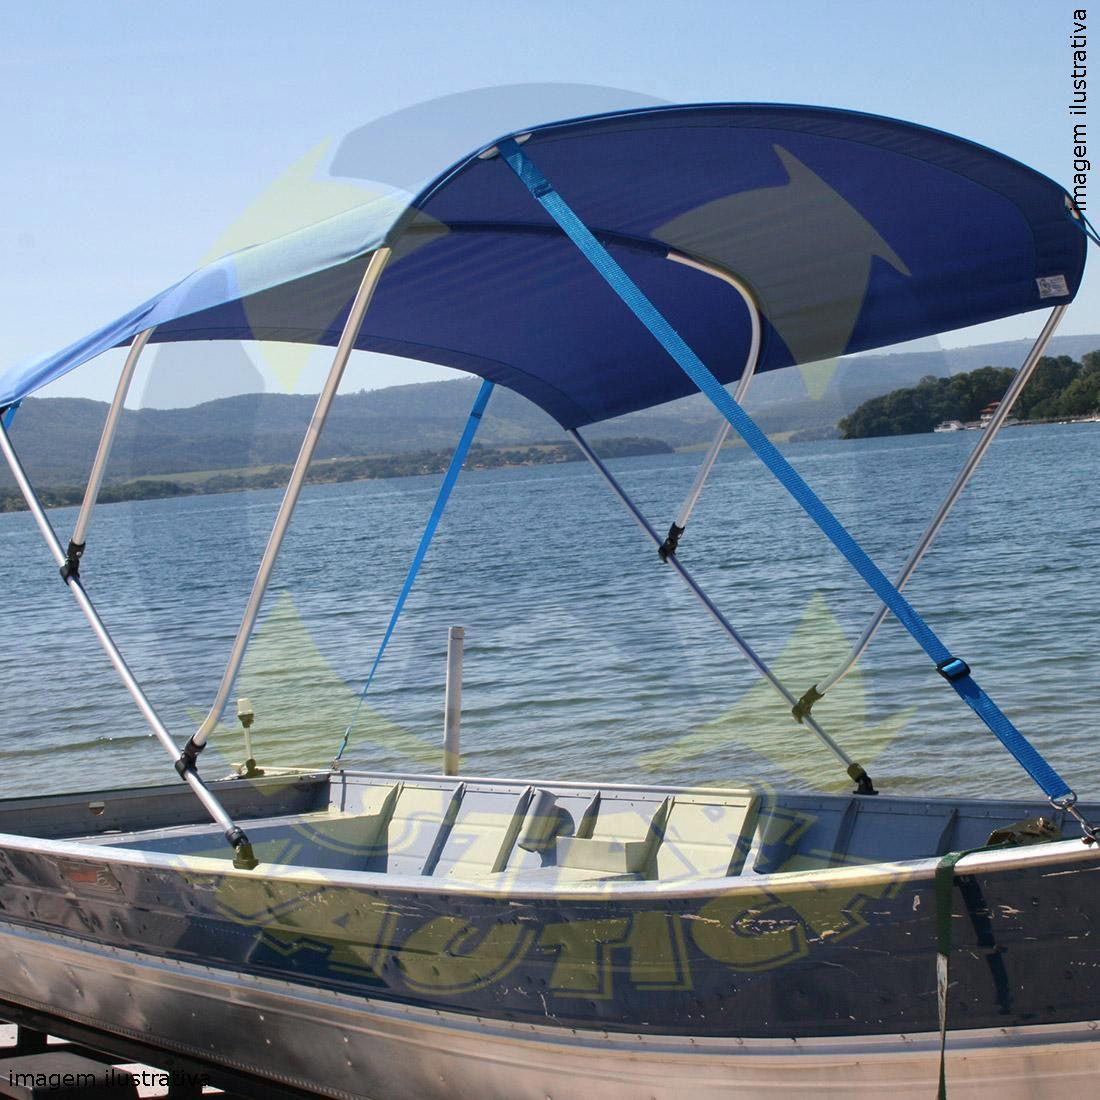 Capota Toldo Barco Karib 600 Poliéster 3 Arcos Tubo 1 1/4